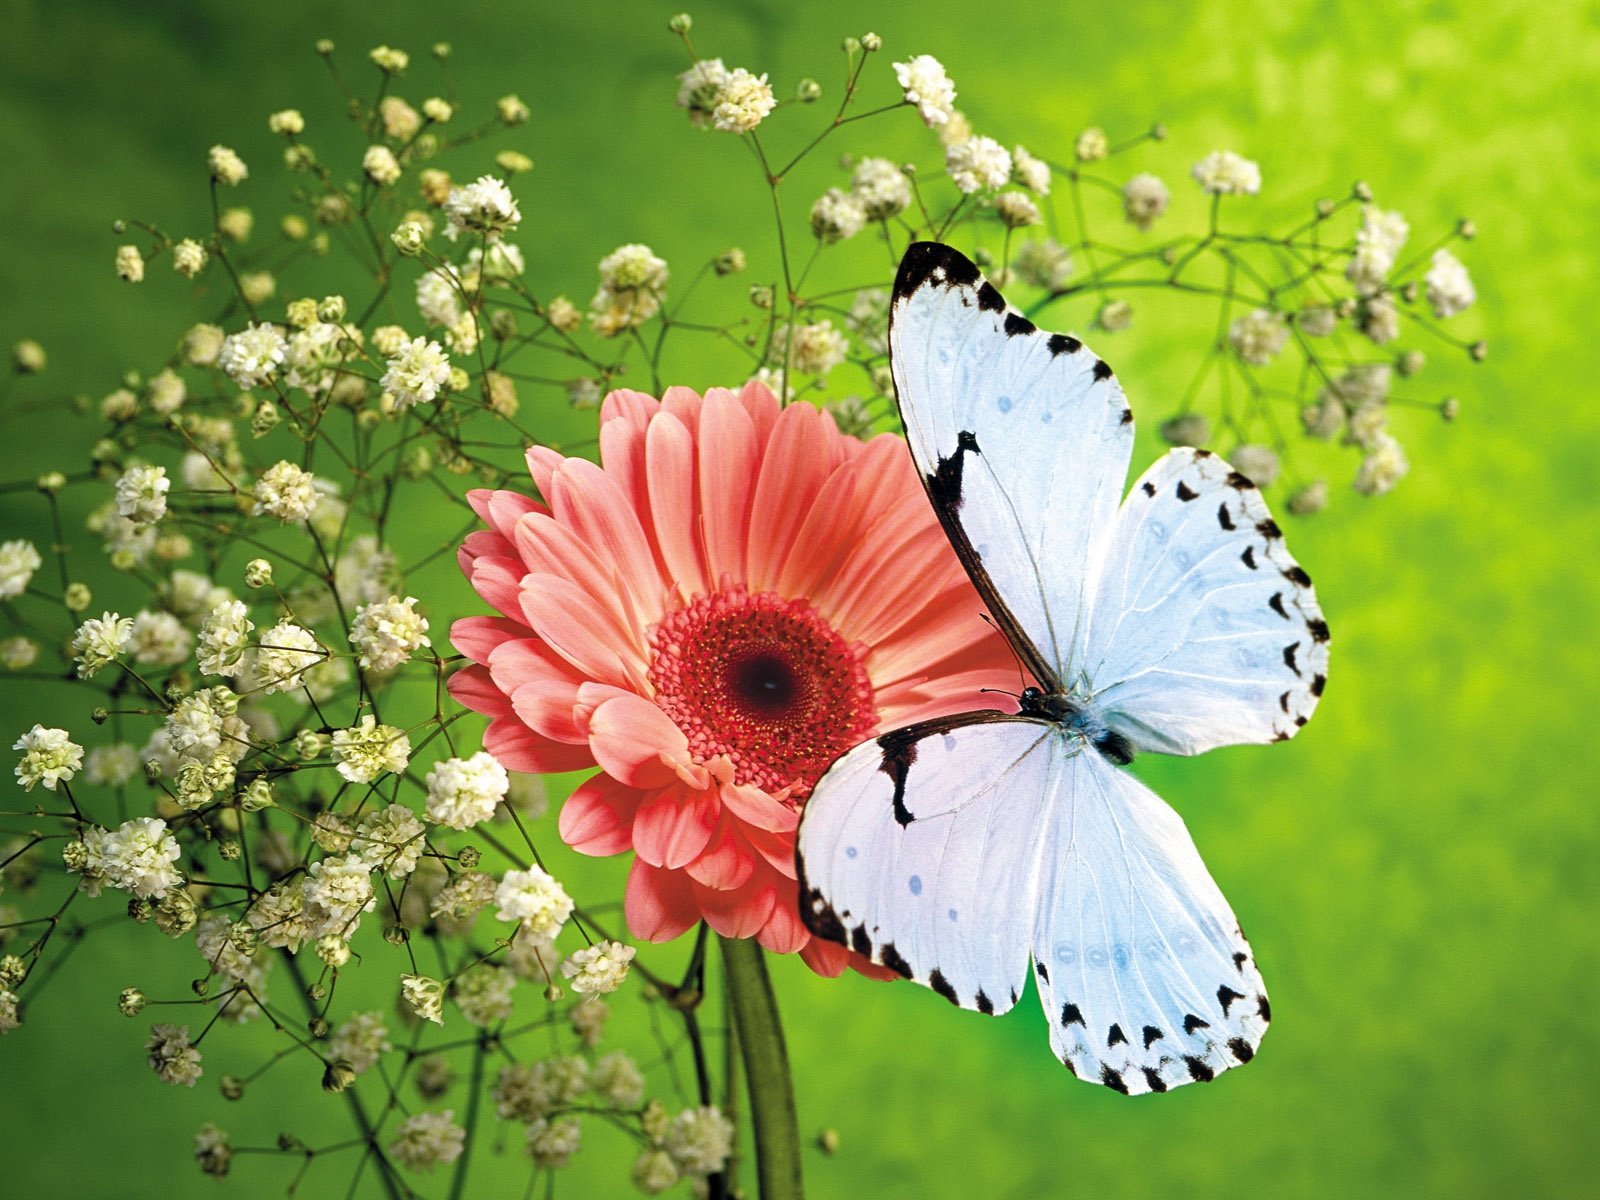 белая бабочка сидит на красном цветке, скачать фото, обои для рабочего стола